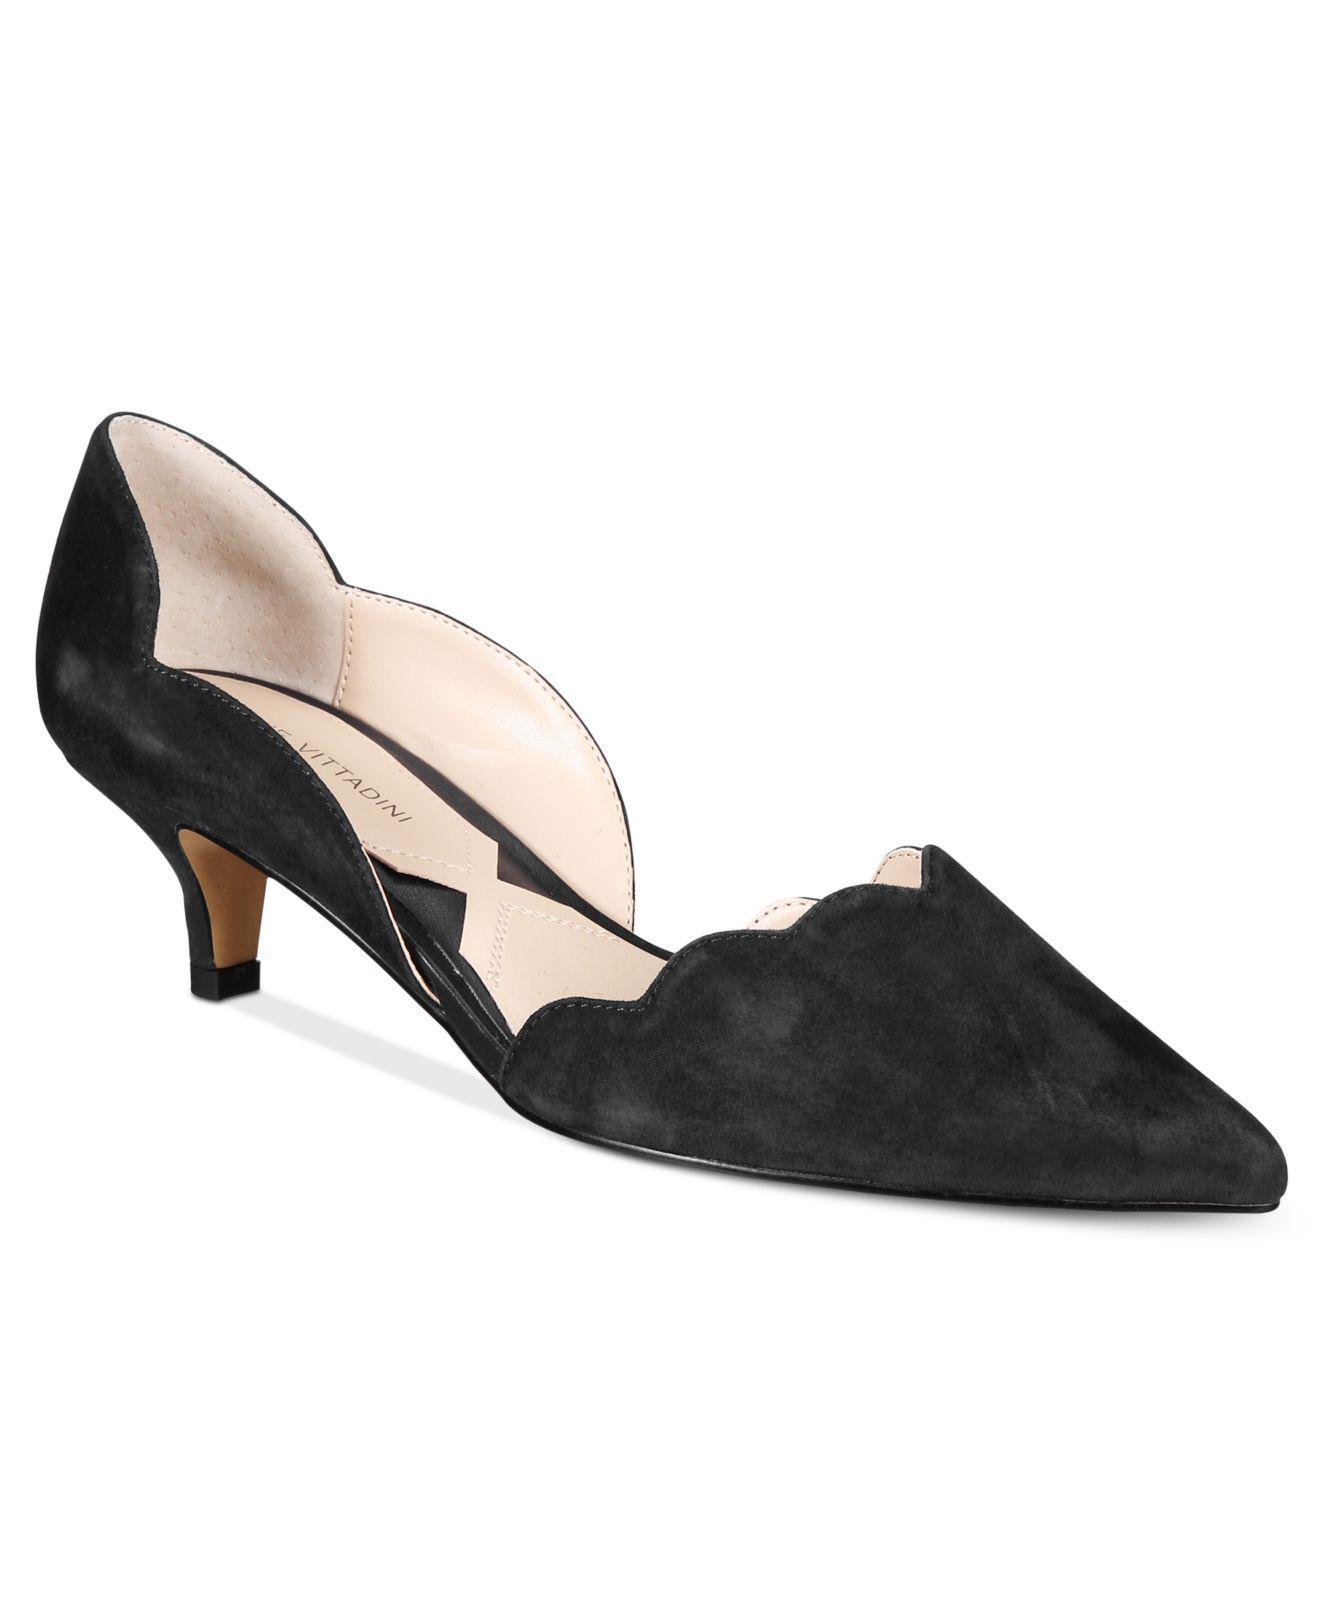 Donna Karan Shoes Uk